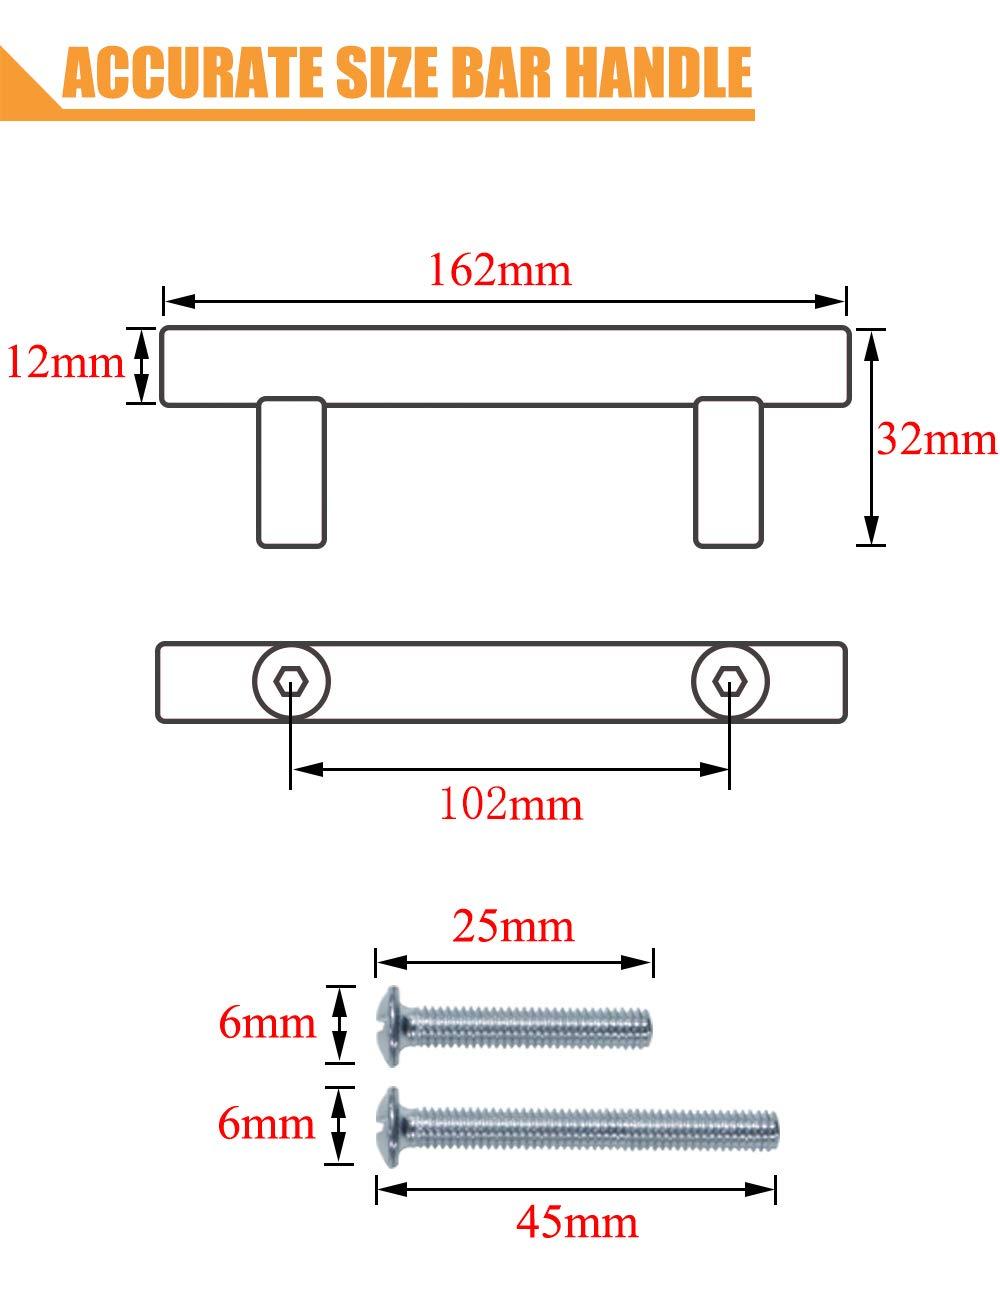 PinLin con tornillos de 6 x 25 mm Tiradores de acero inoxidable para puertas de armarios de cocina serie de mangos dorados en forma de T agujero /único//64//76//96//128//160//192//224//256 mm dorado